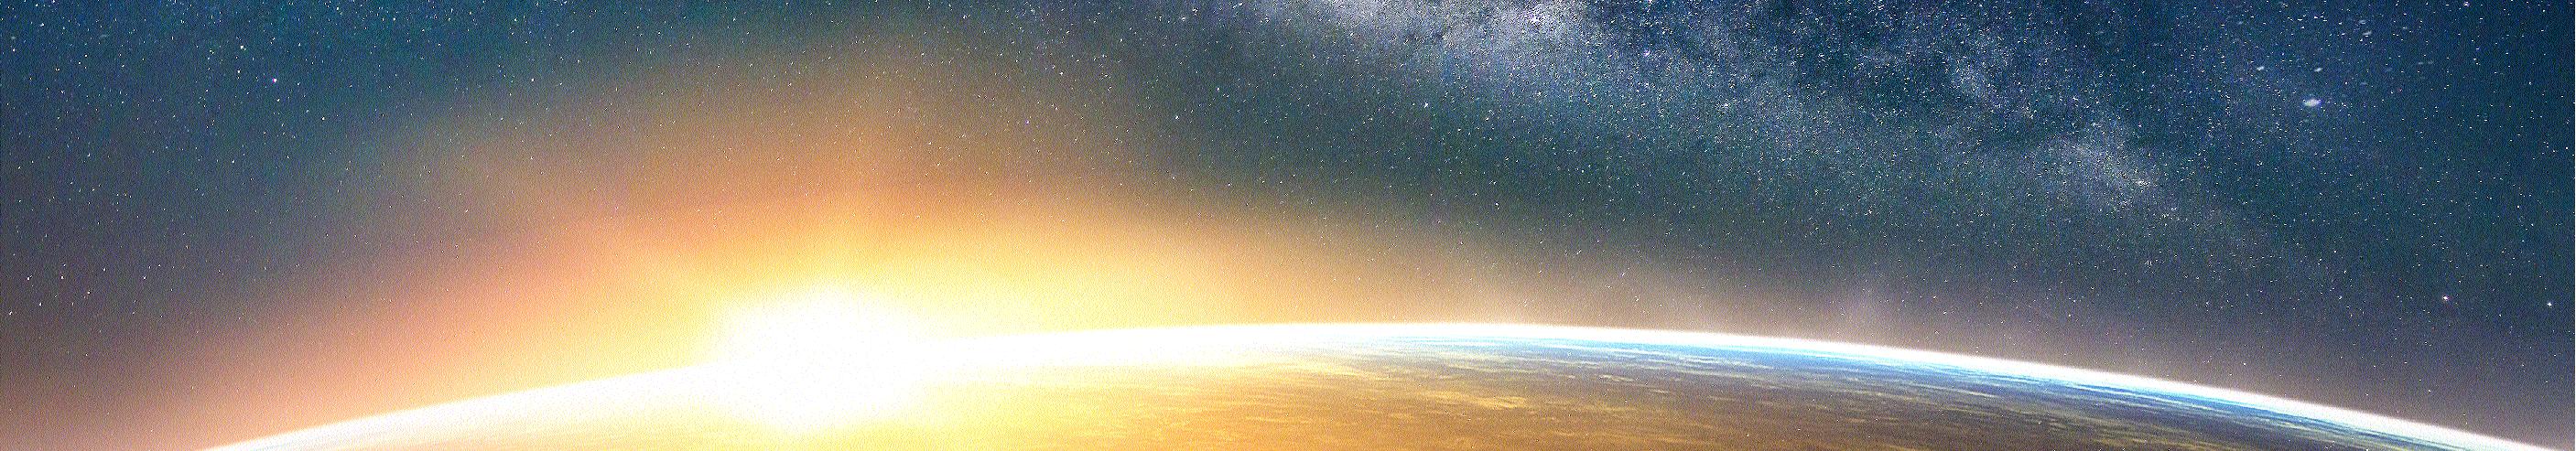 1_Sternenh_Vision_variant-1